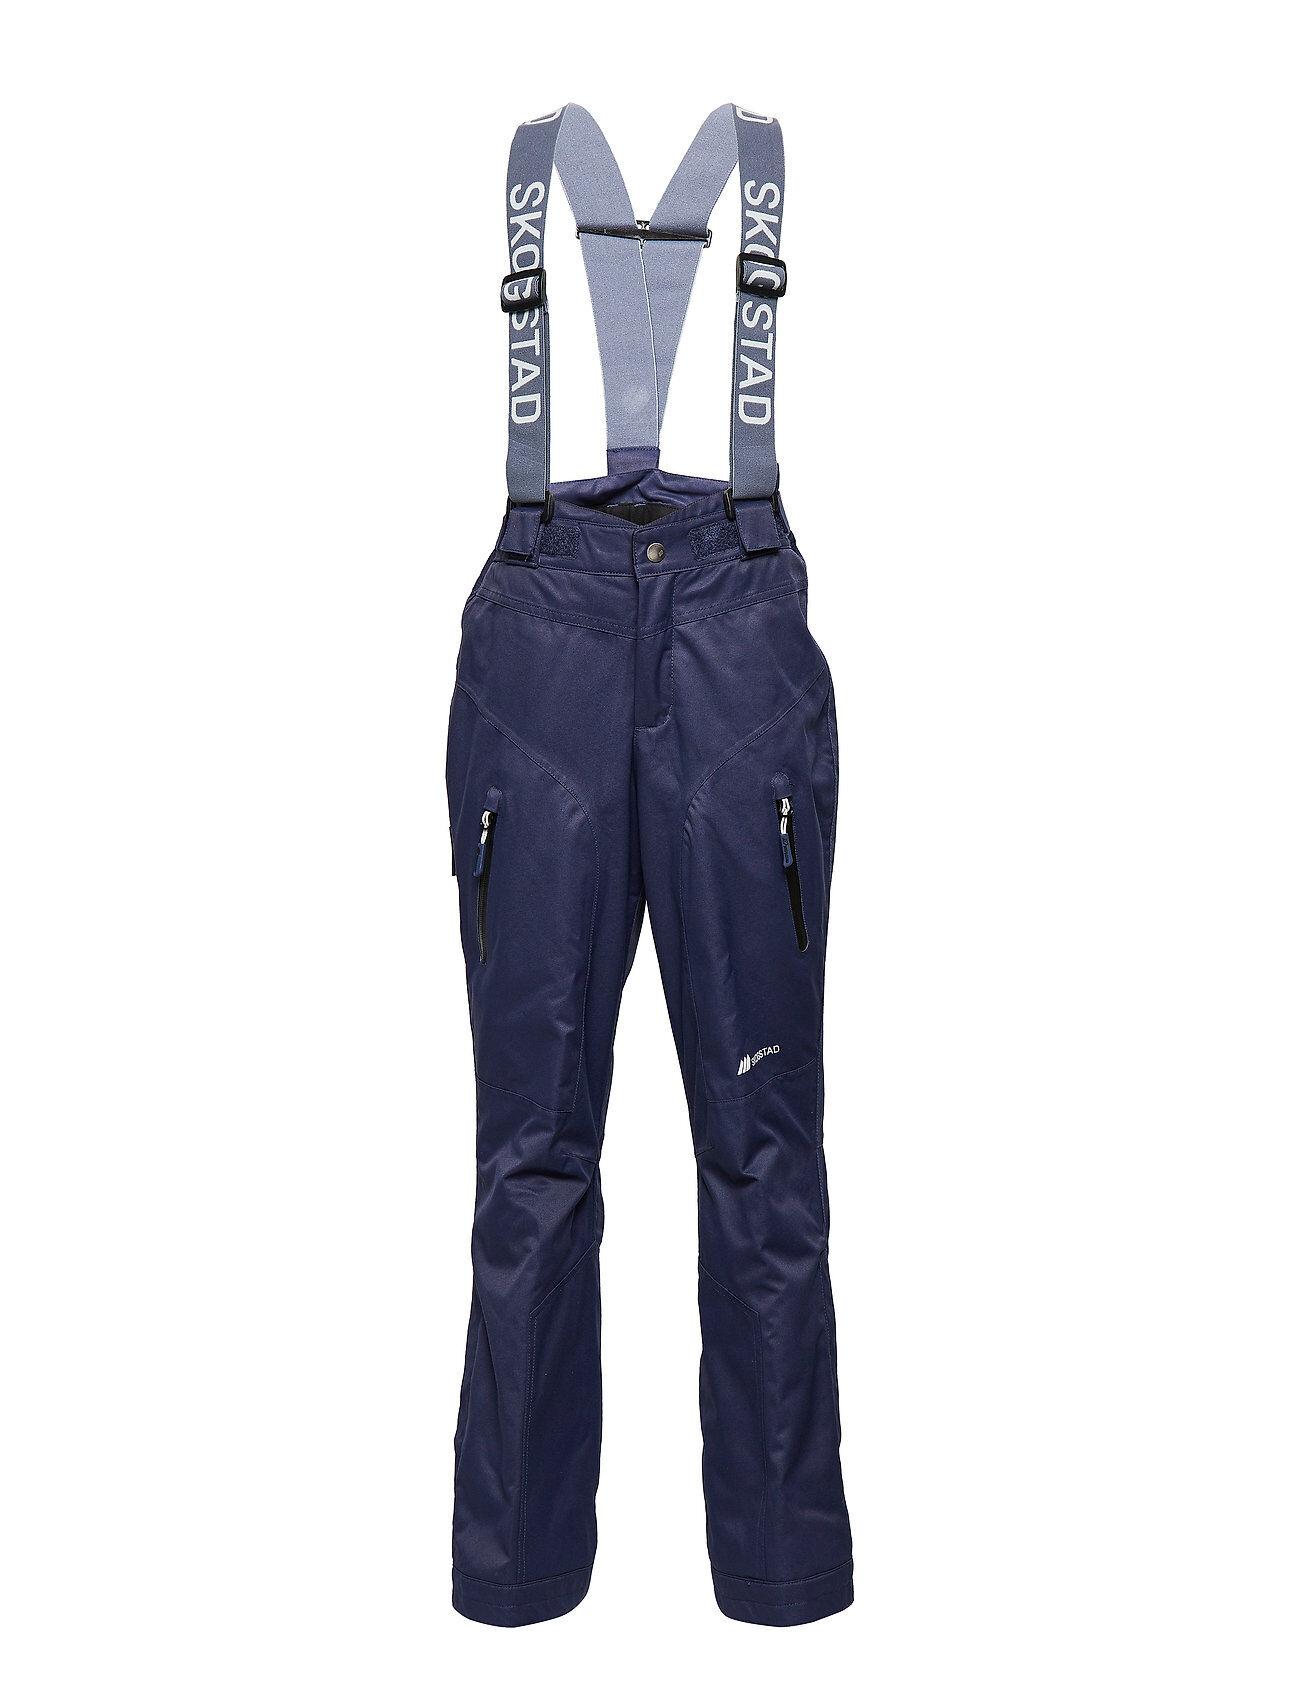 Skogstad Gaustadblikk 2-Layer Technical Ski Trousers Outerwear Snow/ski Clothing Snow/ski Pants Sininen Skogstad